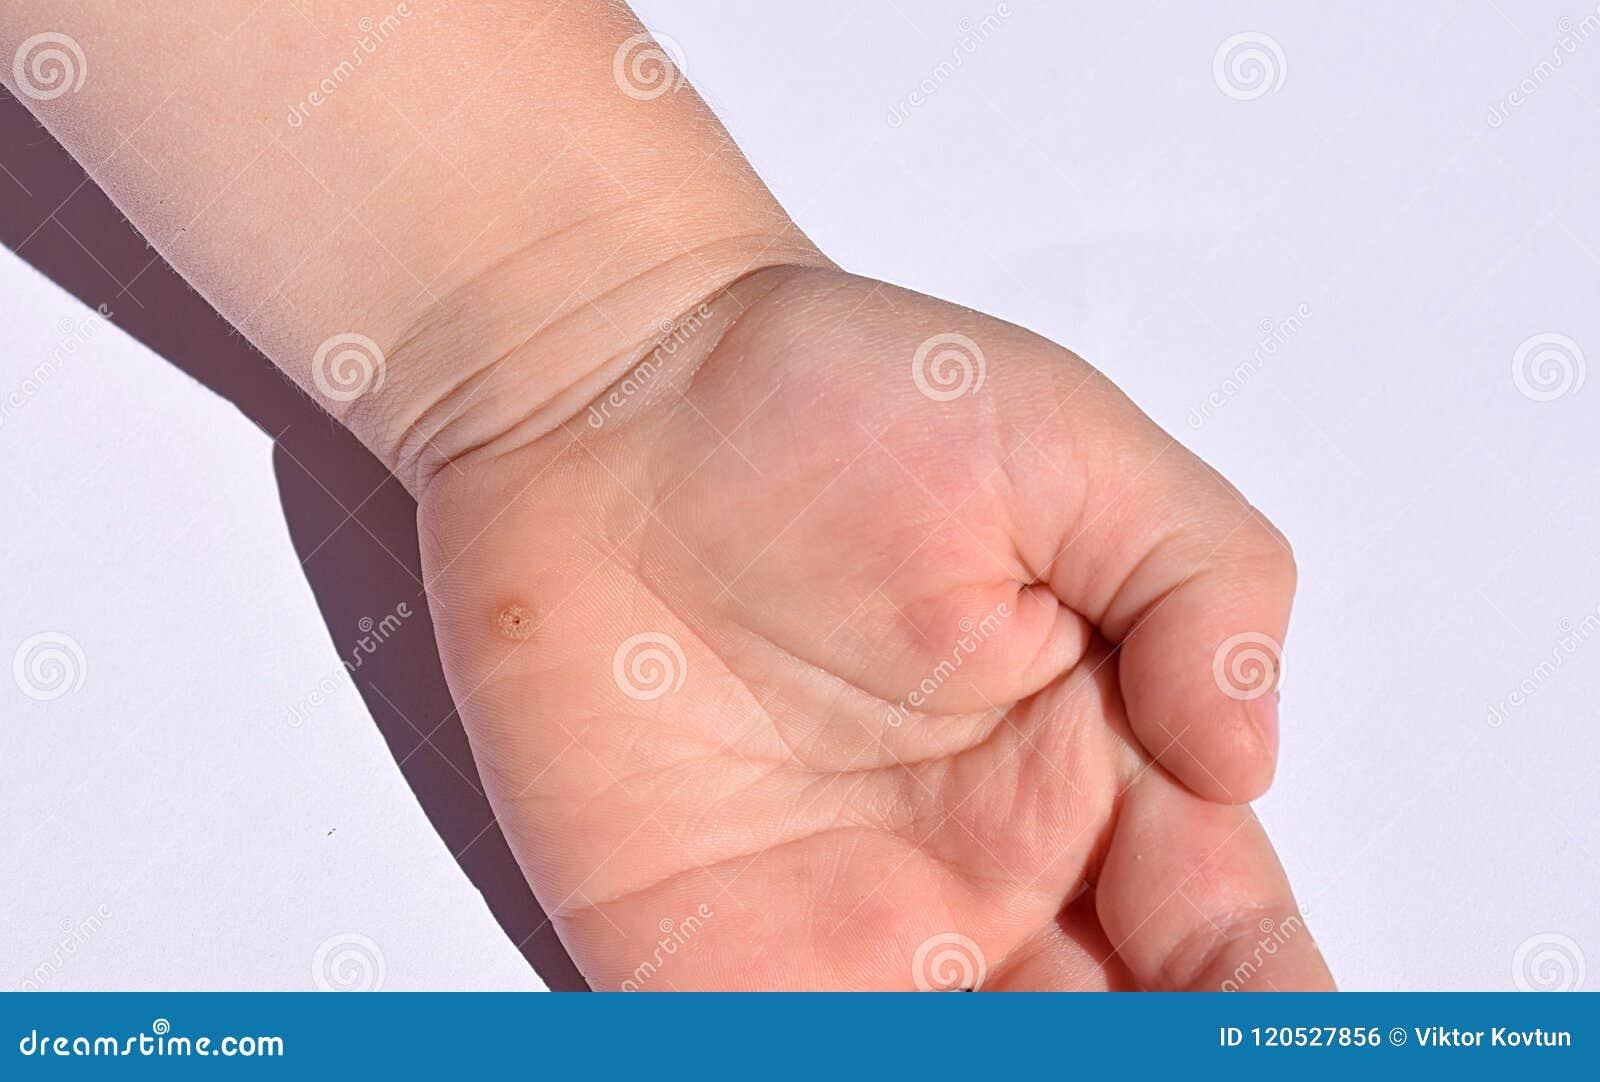 warts on hands child lo pelin noromectin